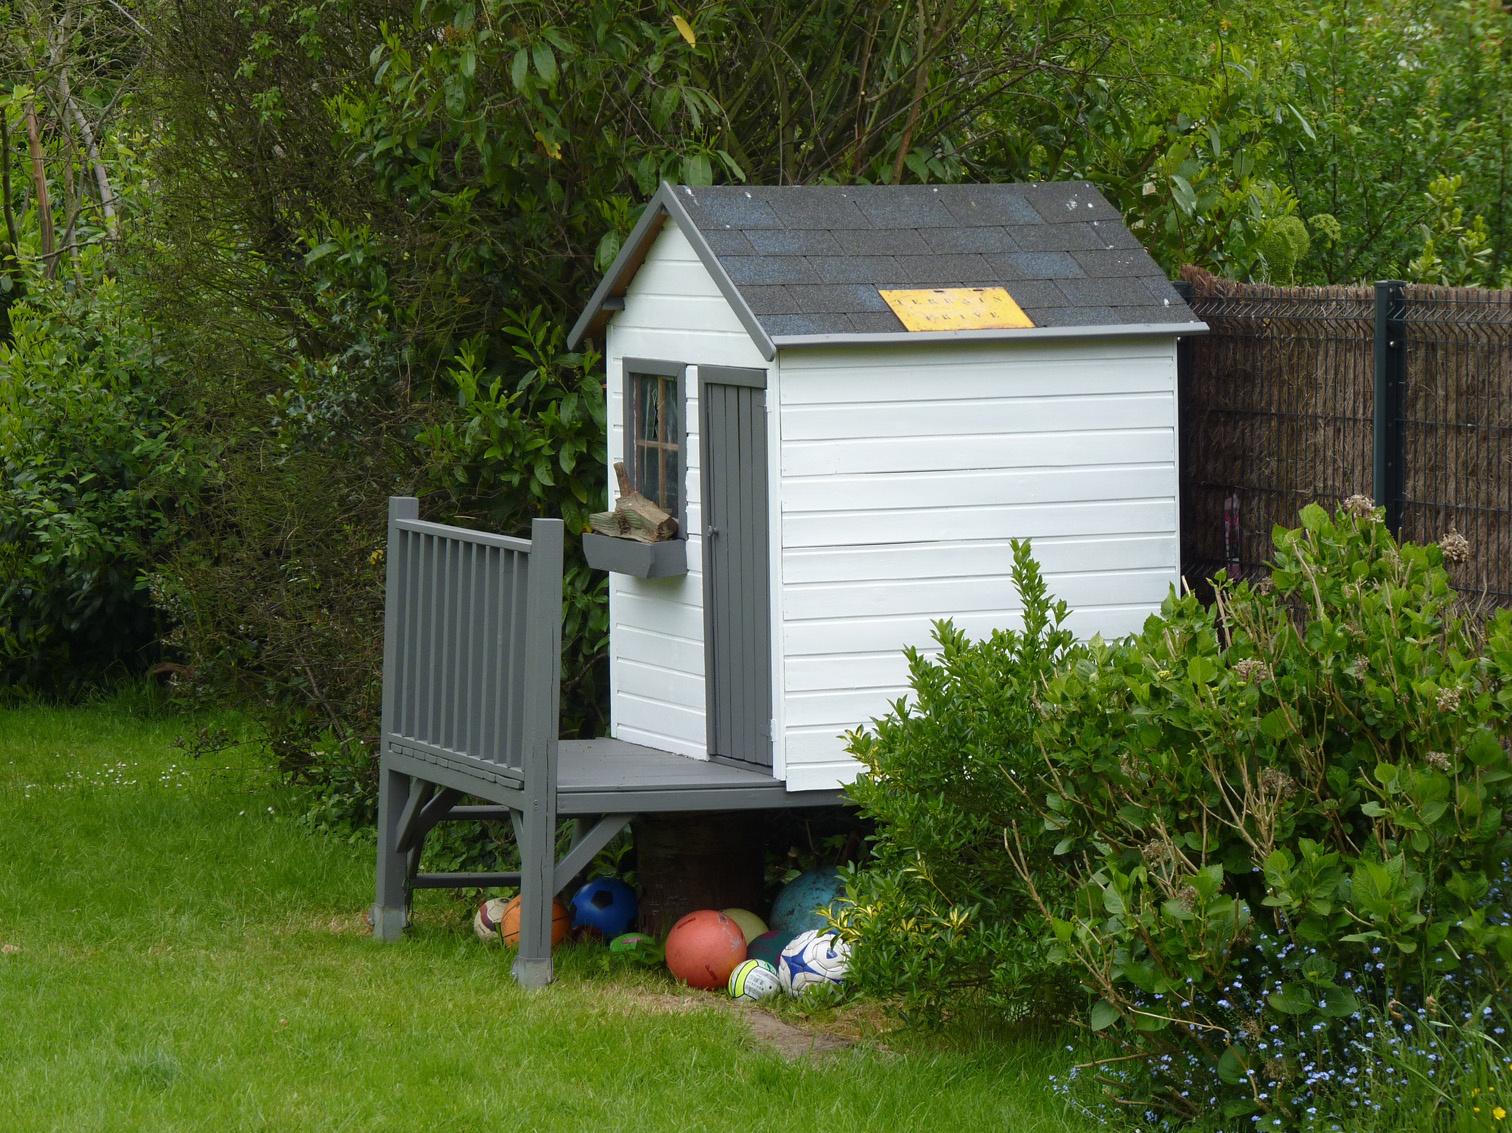 Cabane En Bois Pour Enfant Sur Pilotis Peinte En Gris Taupe ... concernant Peinture Abri De Jardin